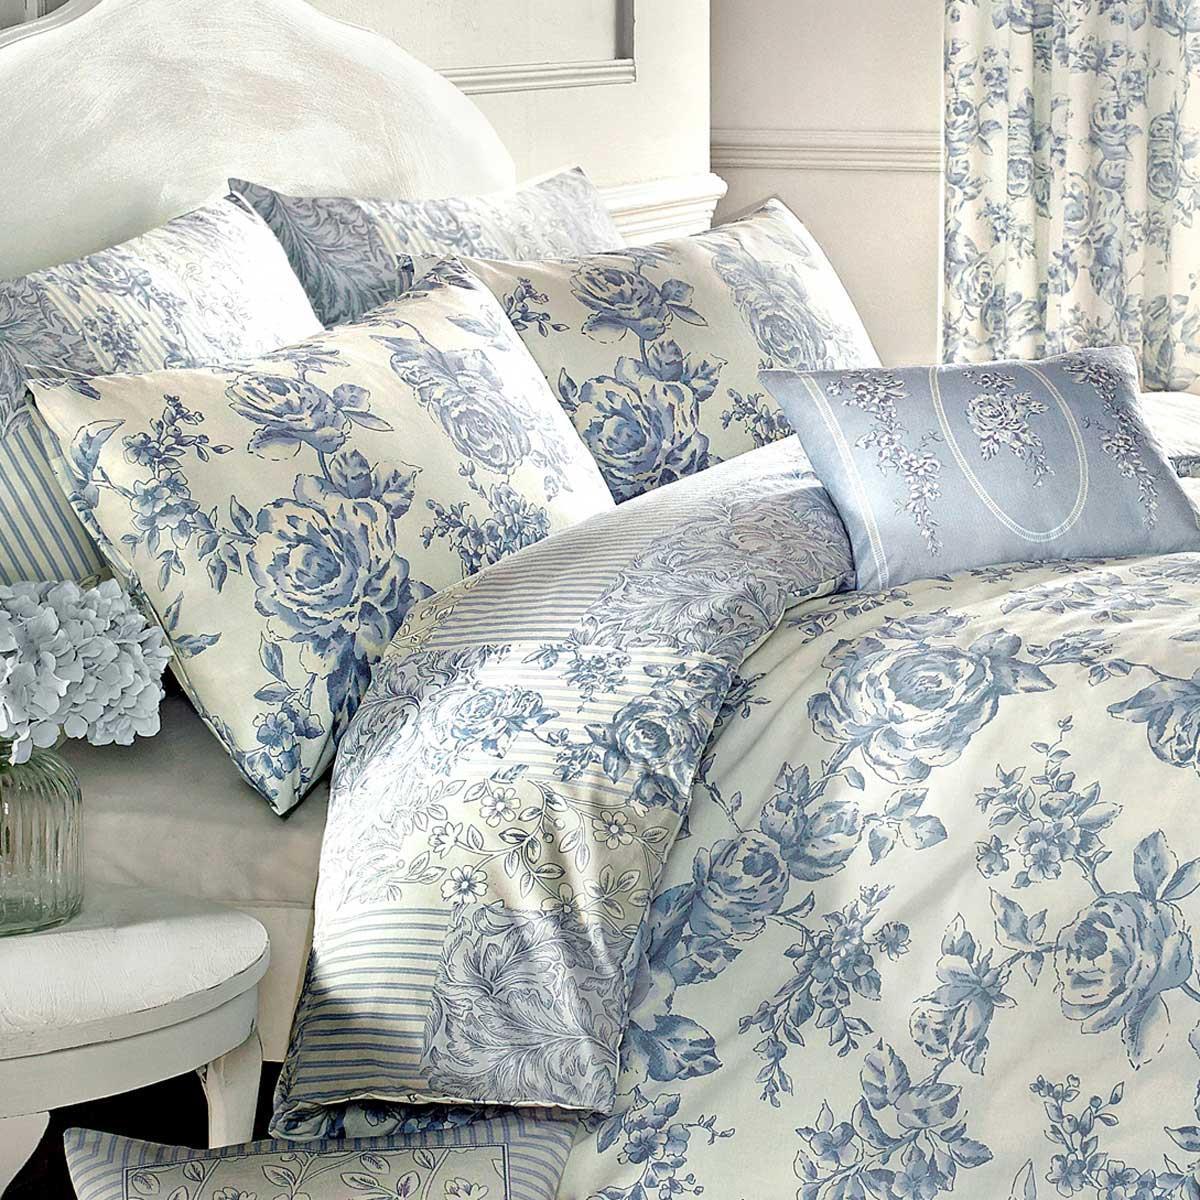 Fundas-de-edredon-azul-con-motivos-florales-Patchwork-Toile-pais-Edredon-Cubierta-de-Lujo-sistemas miniatura 4